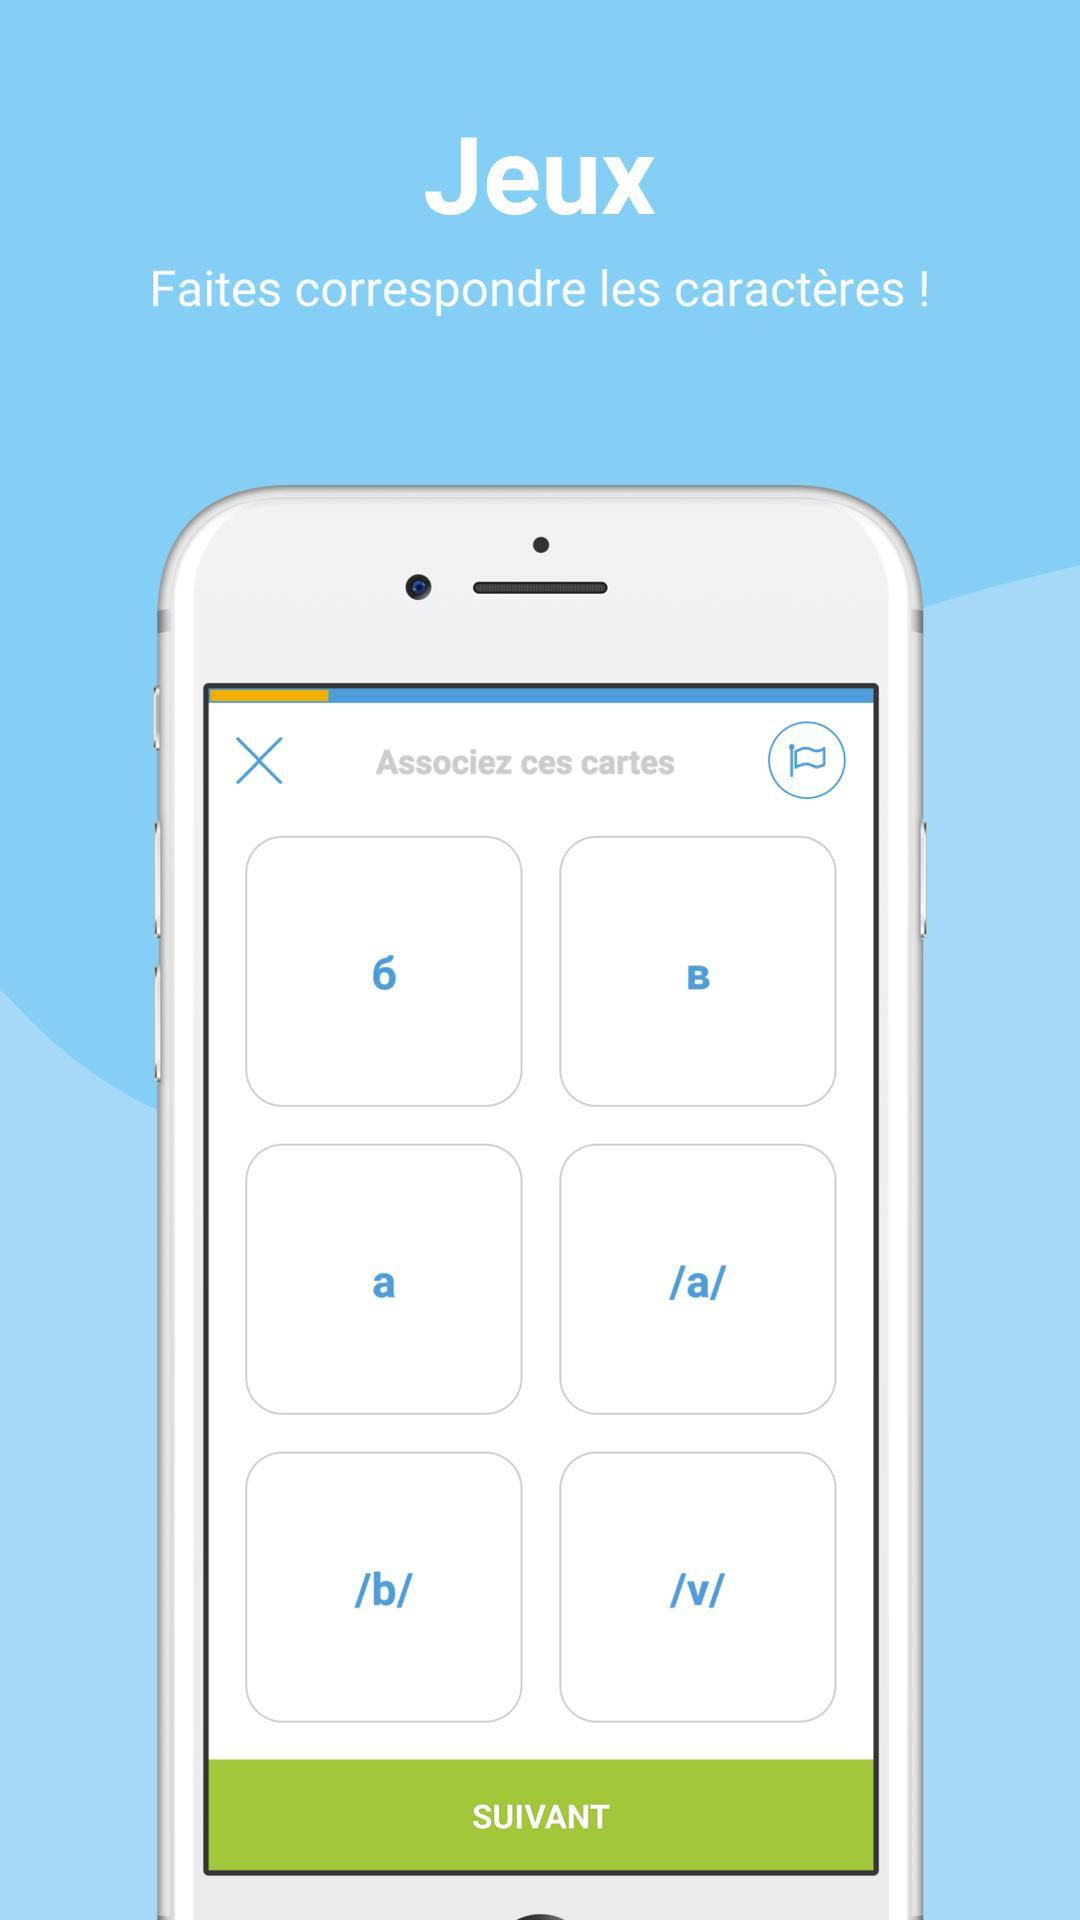 Apprendre À Écrire L'alphabet Russe Pour Android à Apprendre A Ecrire L Alphabet